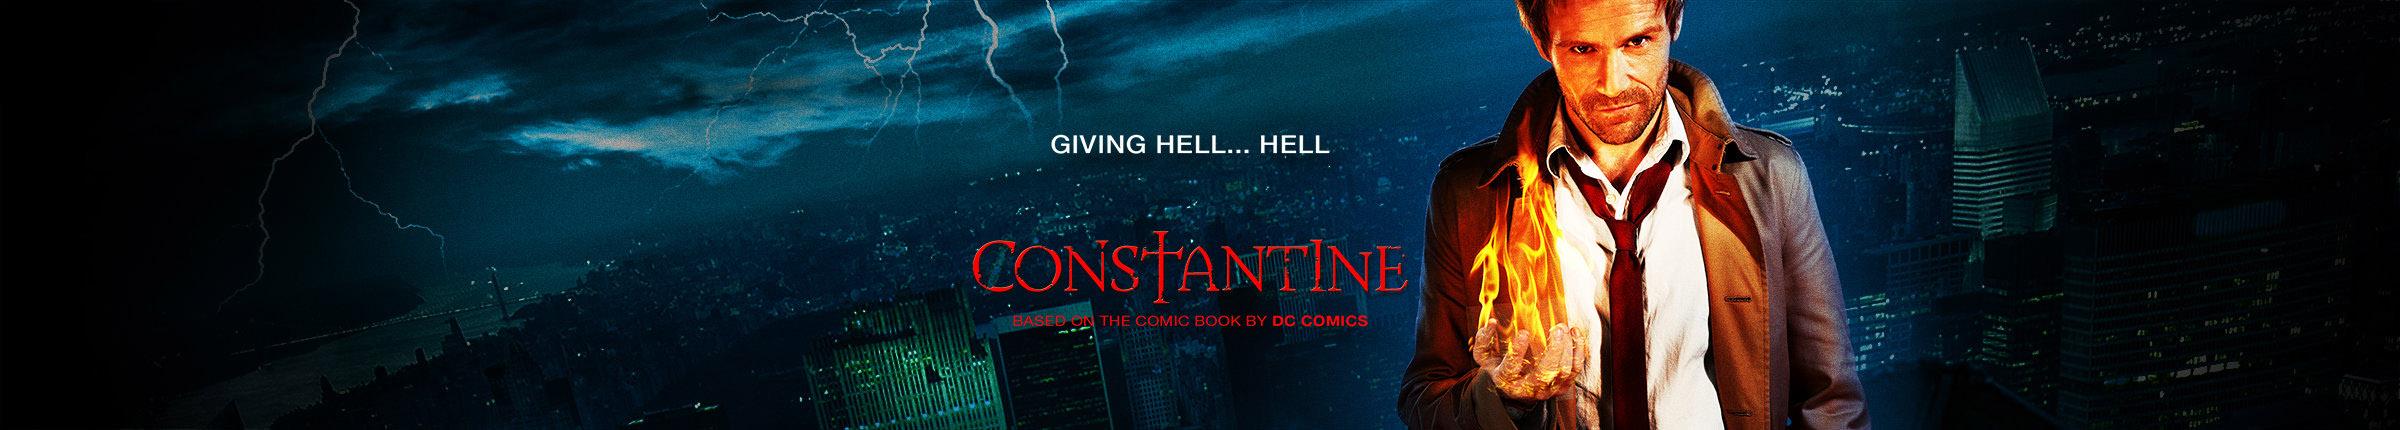 Постер для 1 сезона сериала Константин